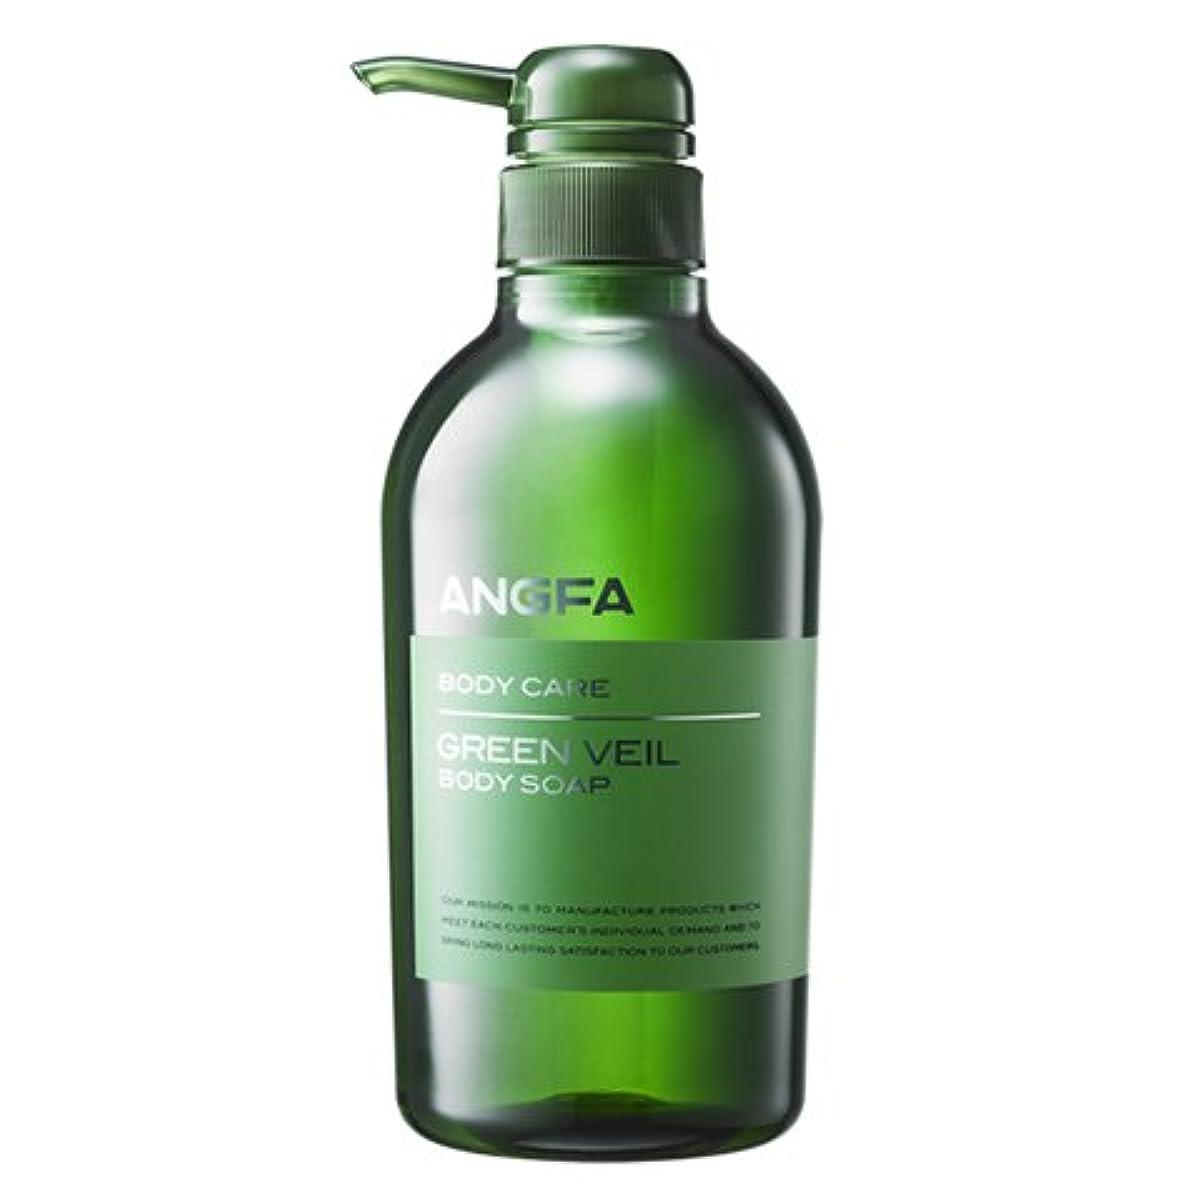 指定する明日観察するアンファー (ANGFA) グリーンベール 薬用ボディソープ 500ml グリーンフローラル [乾燥?保湿] かゆみ肌